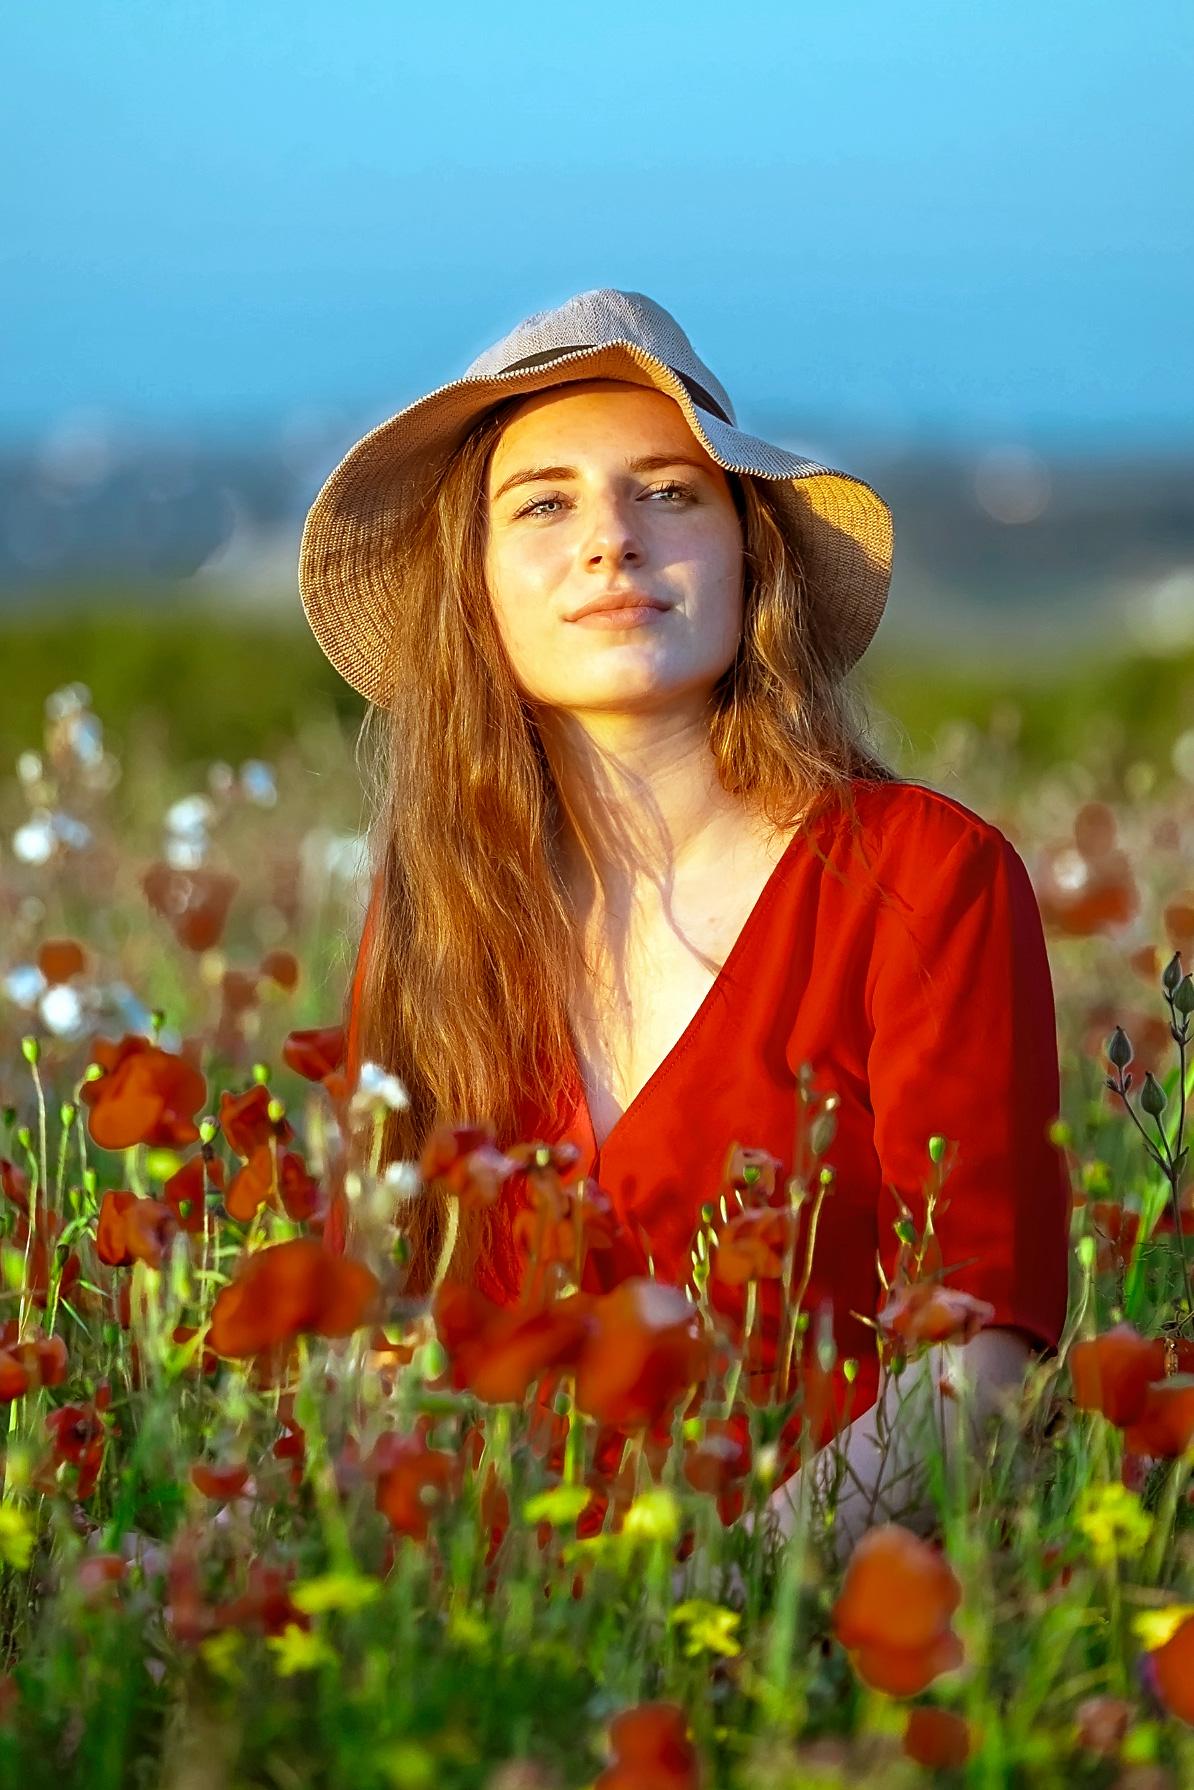 poppy field girl sun hat